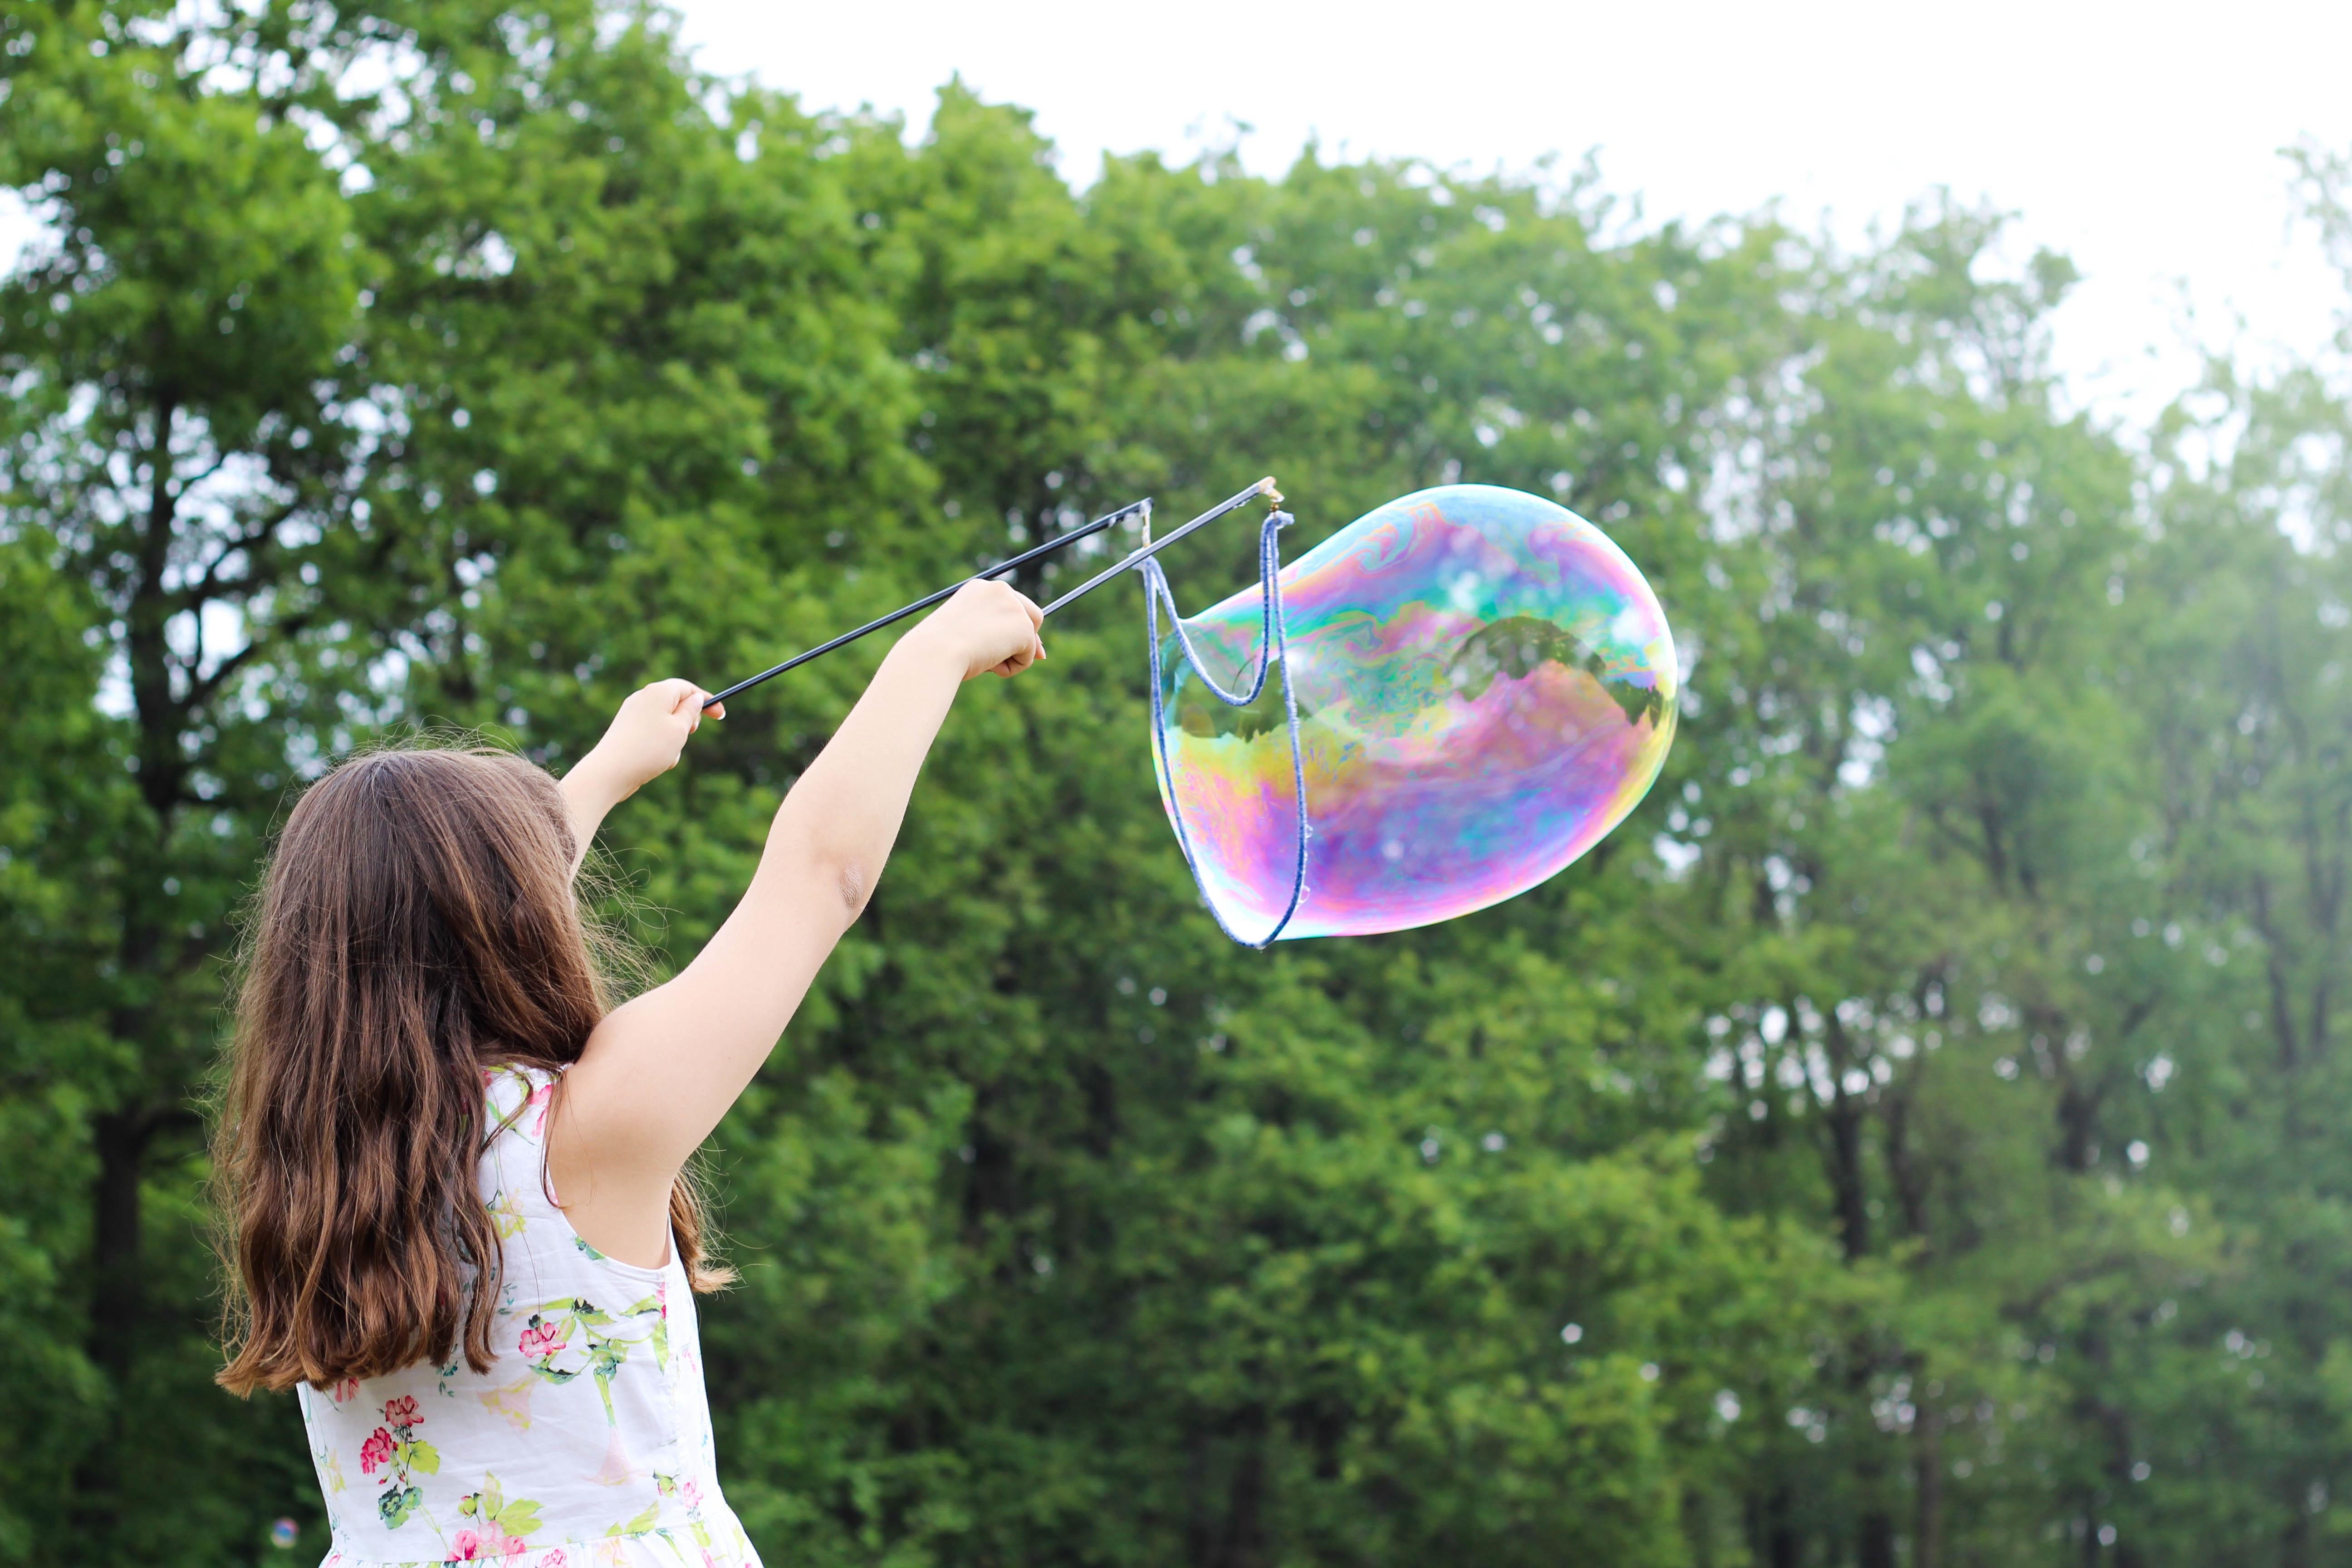 театр как фотографировать мыльные пузыри разбит четыре